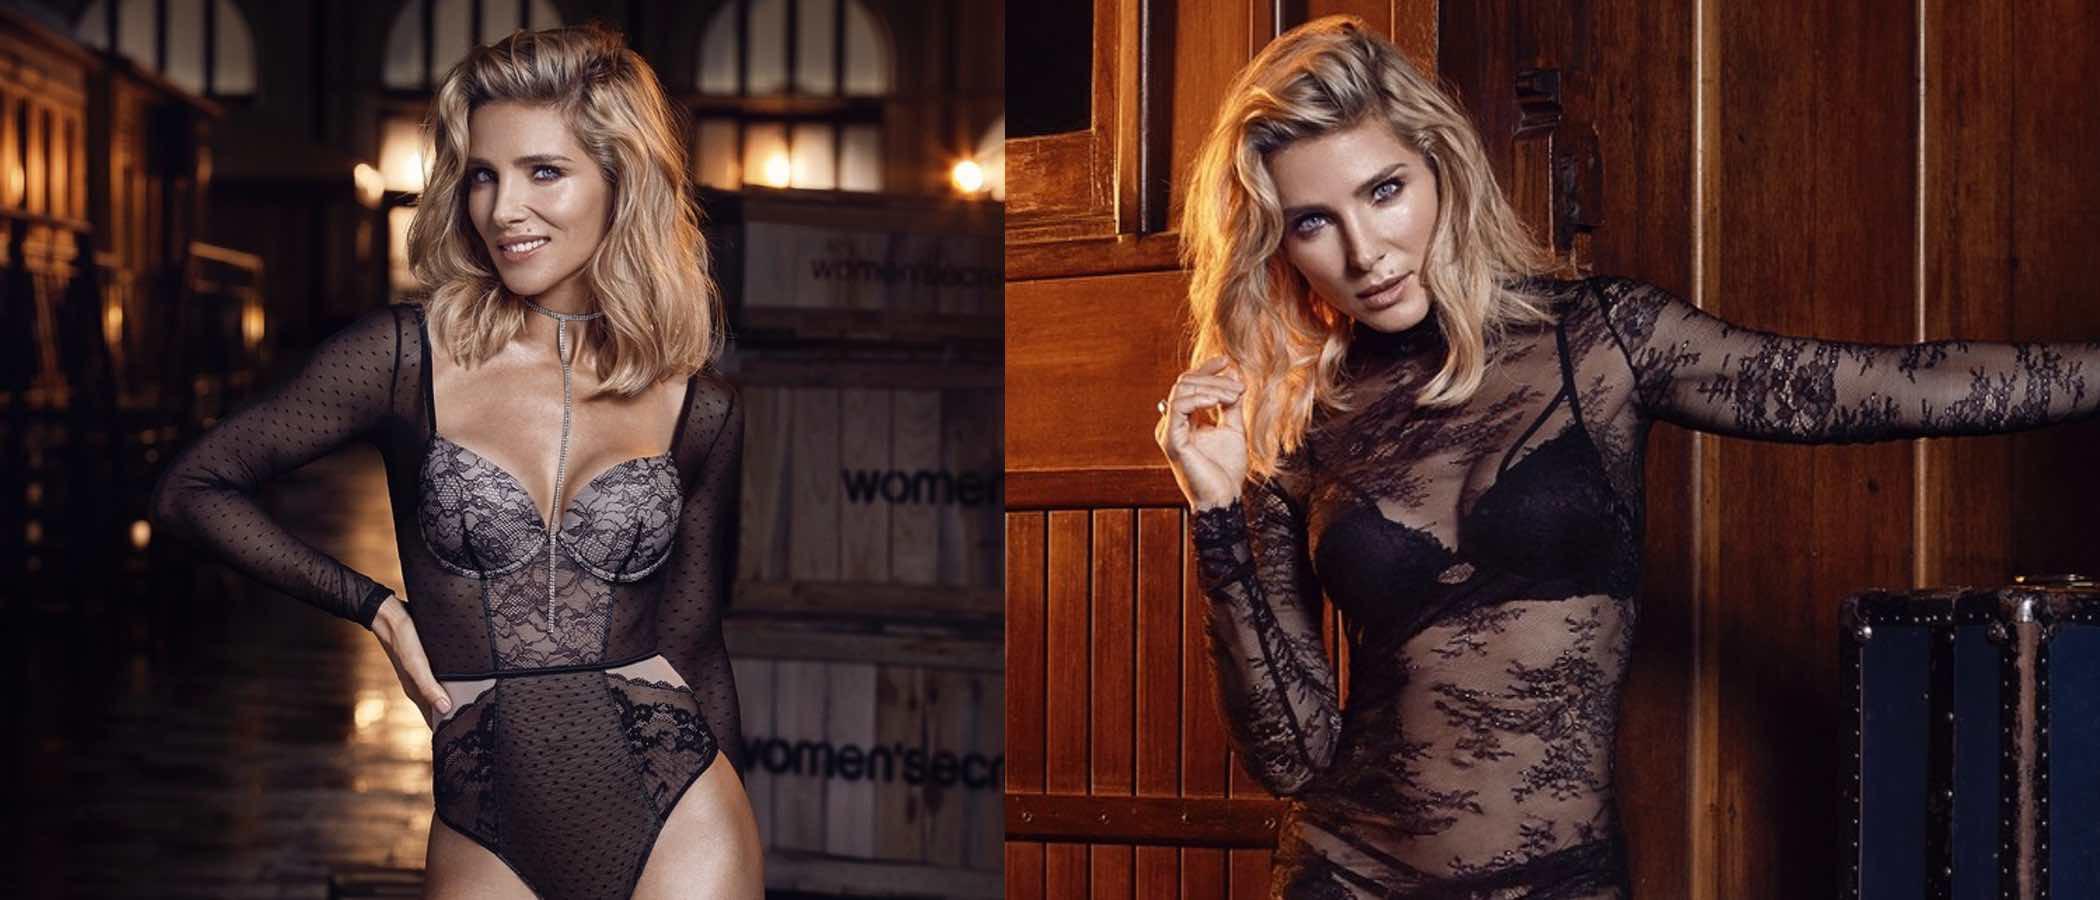 Women'secret y la sensualidad en estado puro: Elsa Pataky presenta la colección 'Wanted'